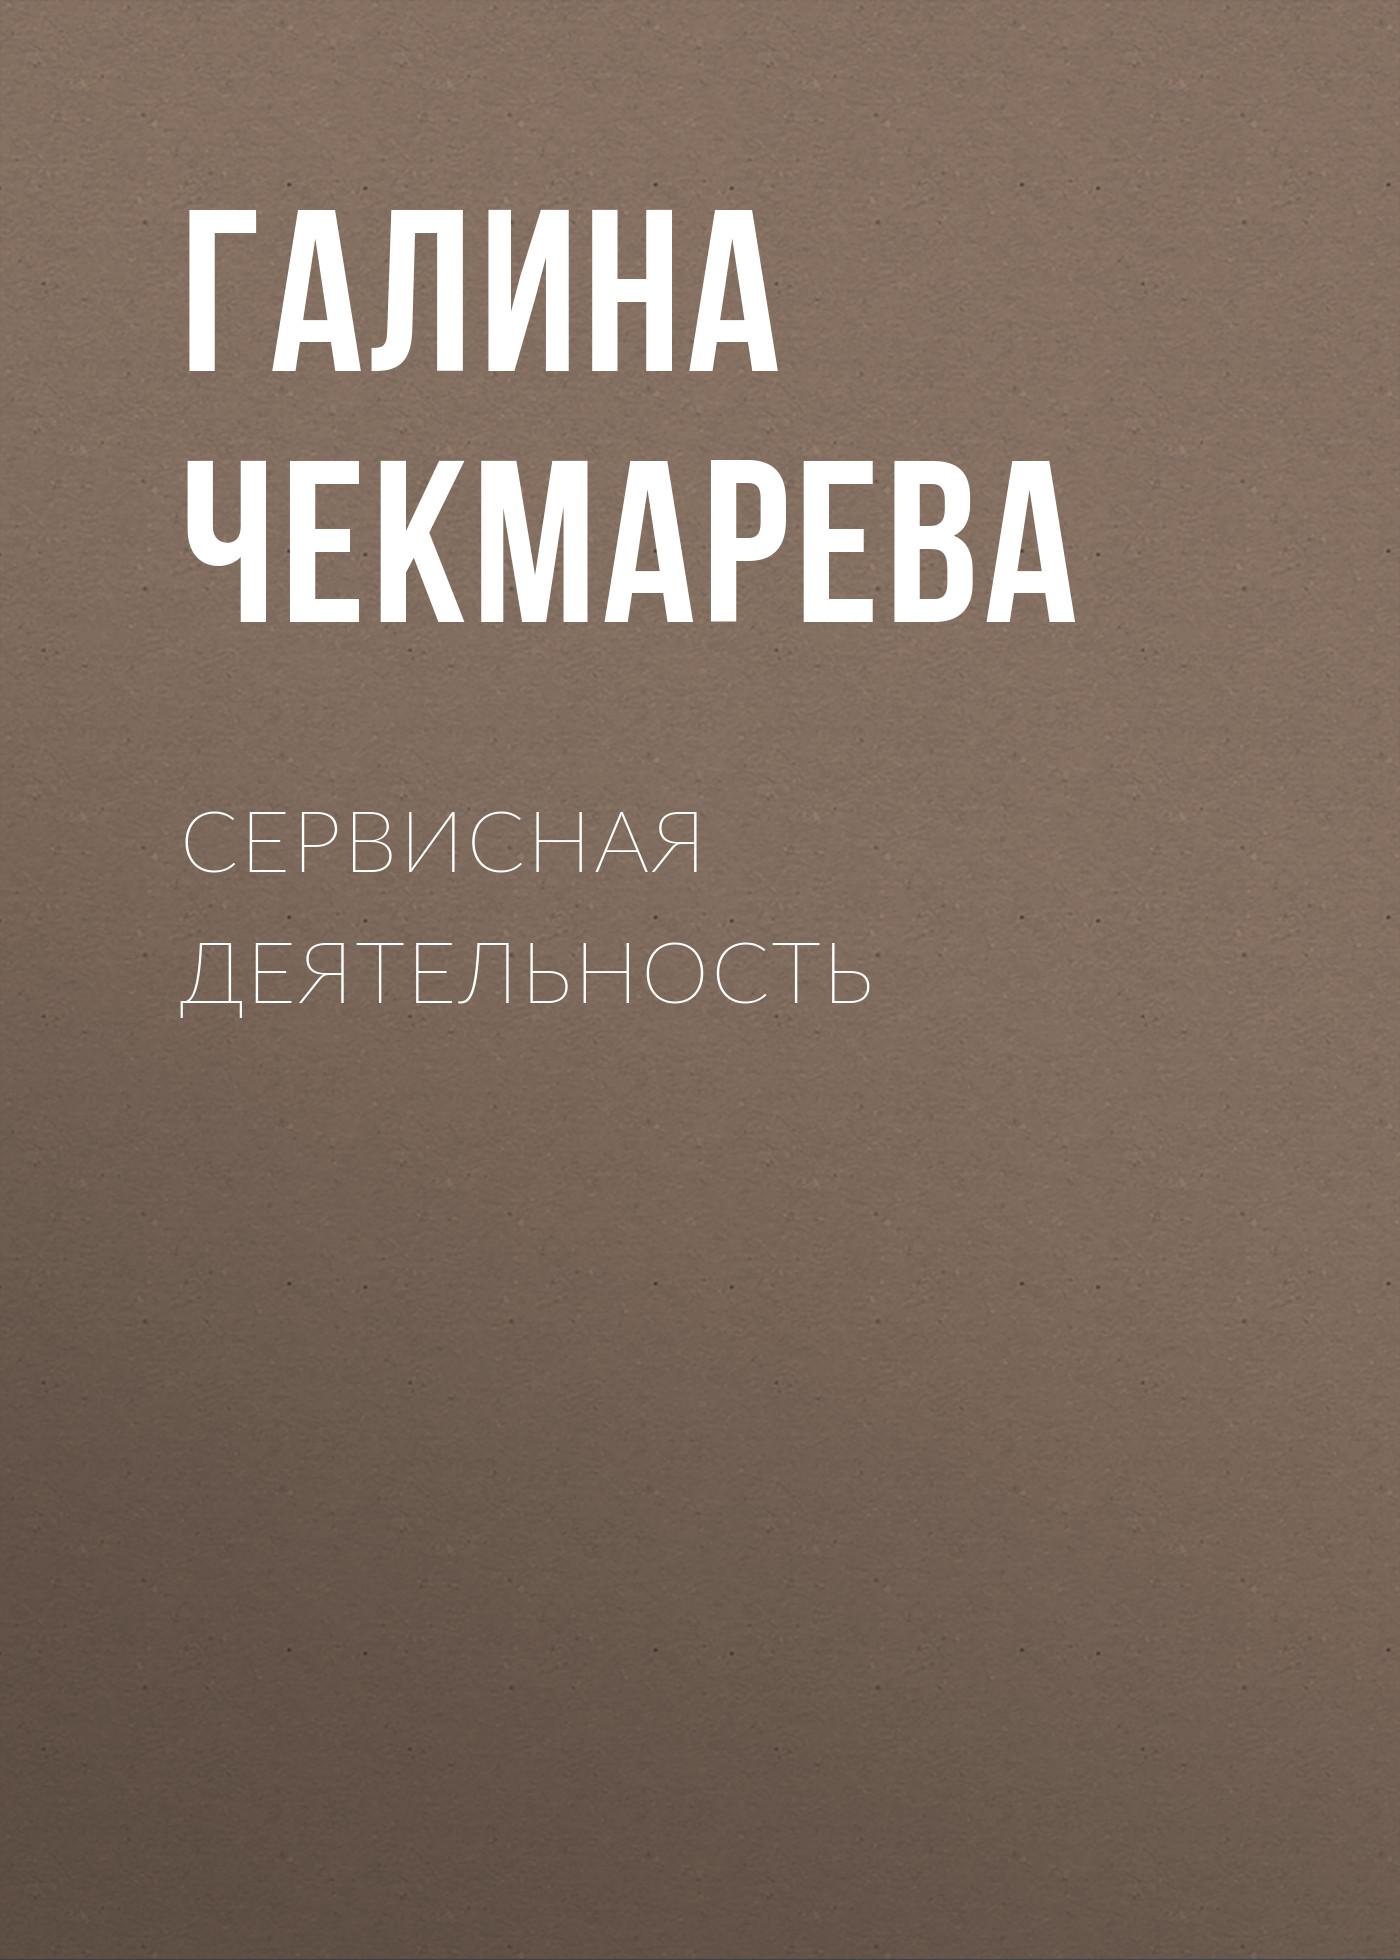 Галина Чекмарева Сервисная деятельность галина павлова сервисная деятельность